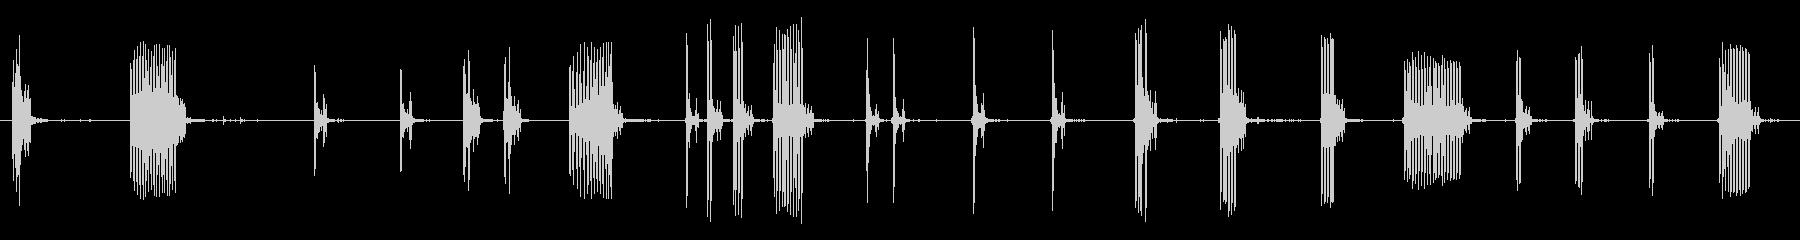 .45口径トミー銃:さまざまなバー...の未再生の波形